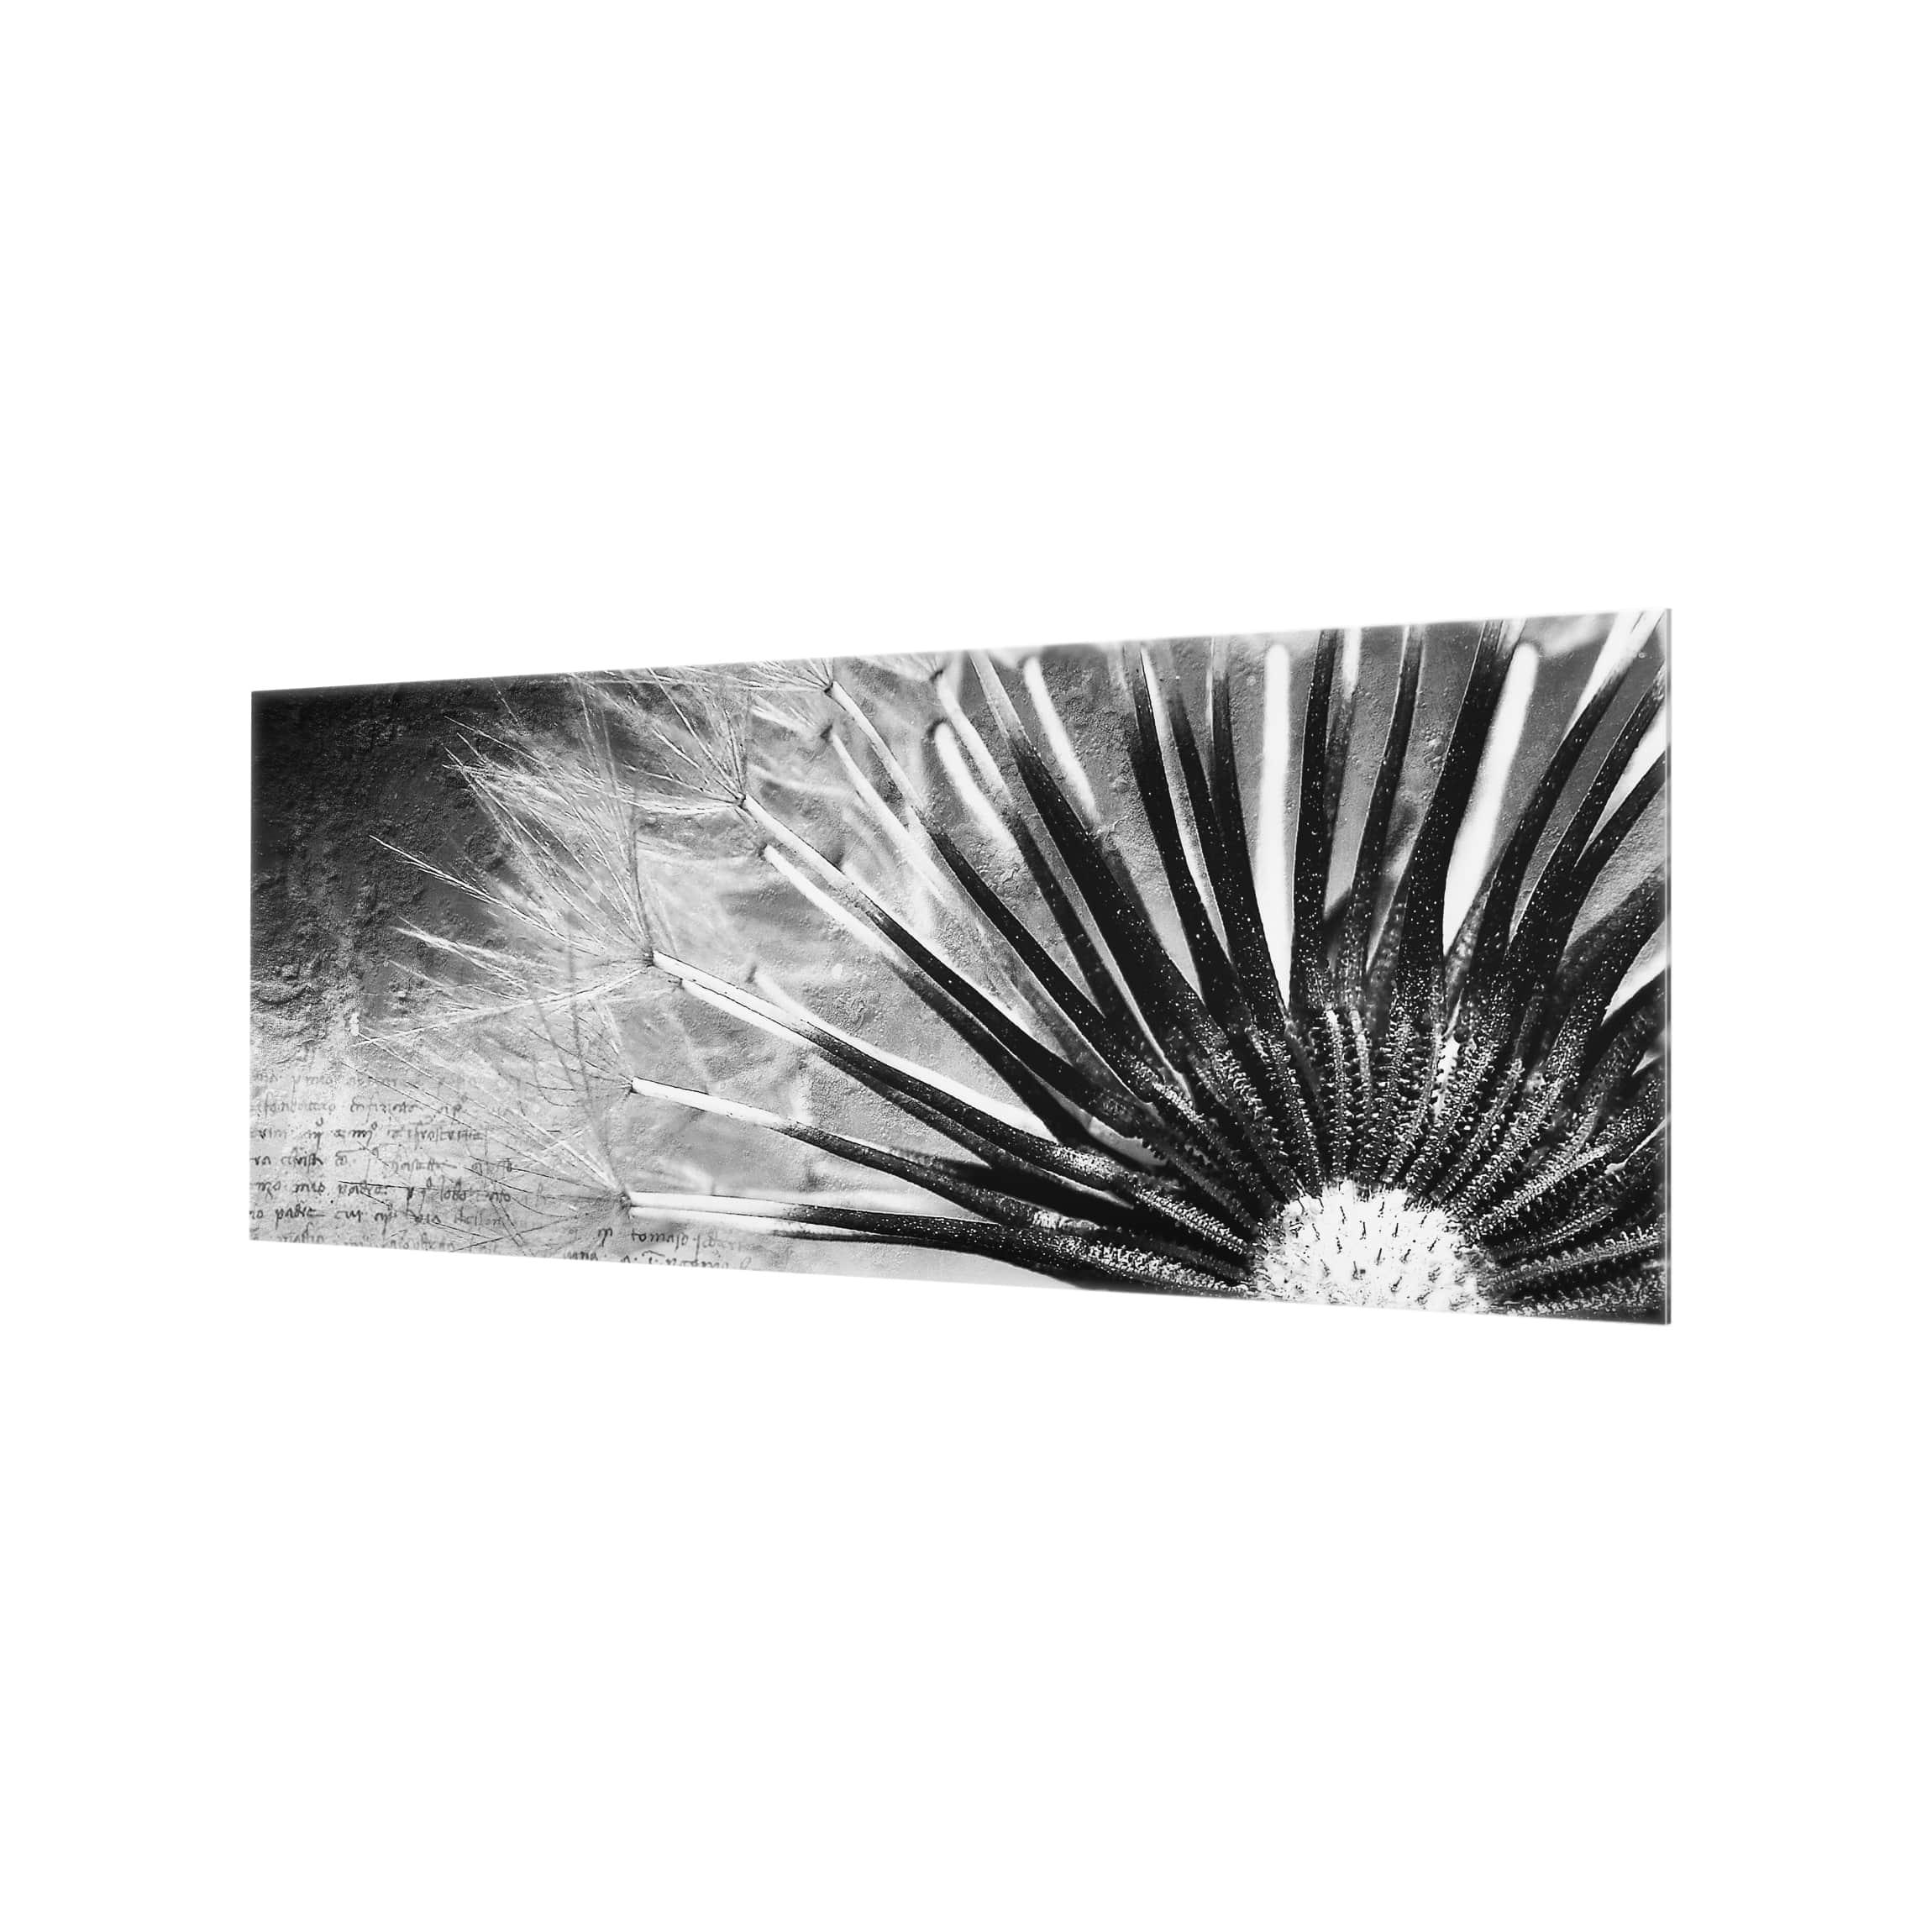 Bilderwelten Spritzschutz Glas Pusteblumen schwarzer Hintergrund Panorama Quer 40cm x 100cm